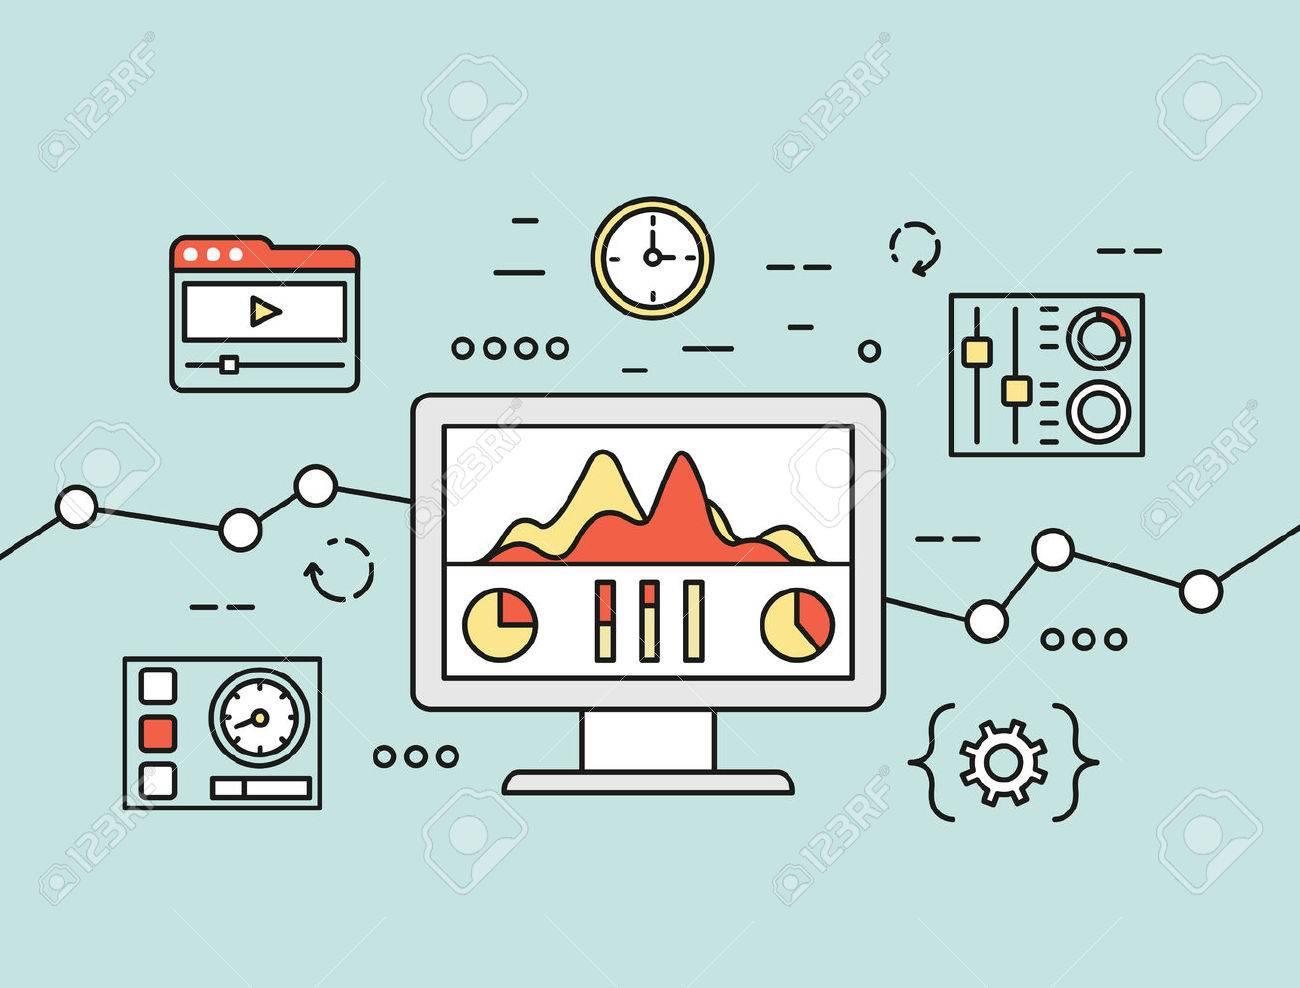 Concepto Del Vector De Información De Búsqueda De Análisis De Sitios Web Y  El Análisis De Datos De Computación En El Uso De Dispositivos Móviles,  Aplicaciones Y Programas Especiales. Aislado En El